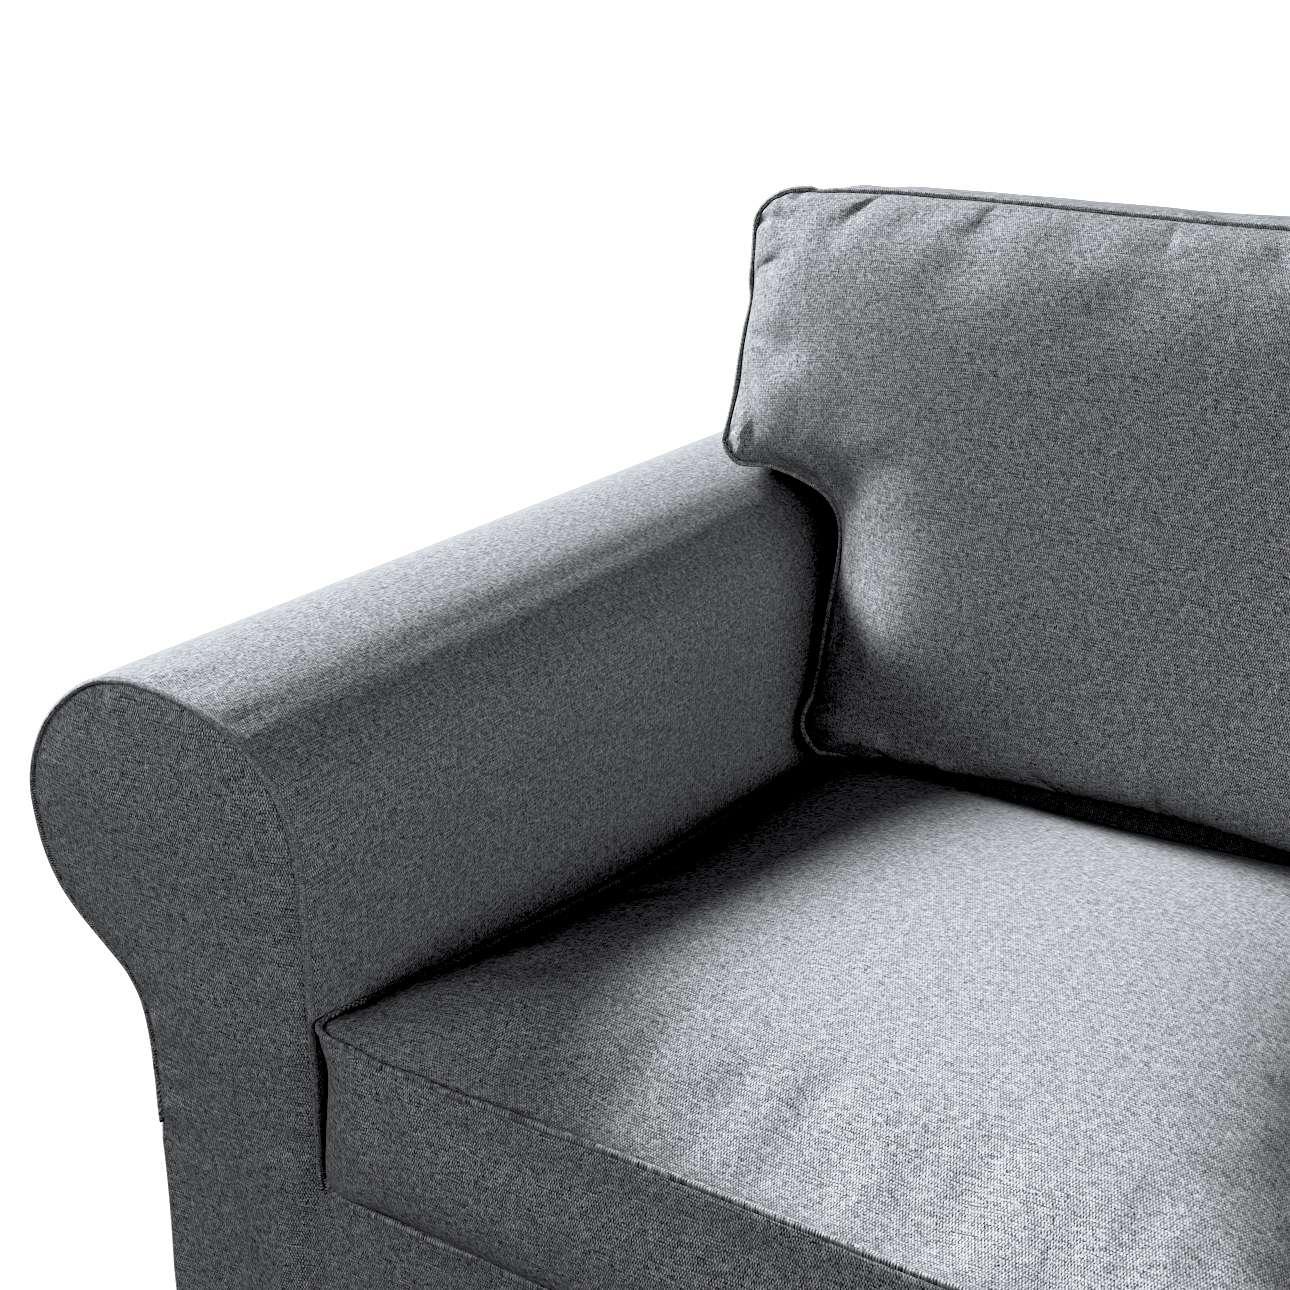 Pokrowiec na sofę Ektorp 2-osobową, nierozkładaną w kolekcji Amsterdam, tkanina: 704-47